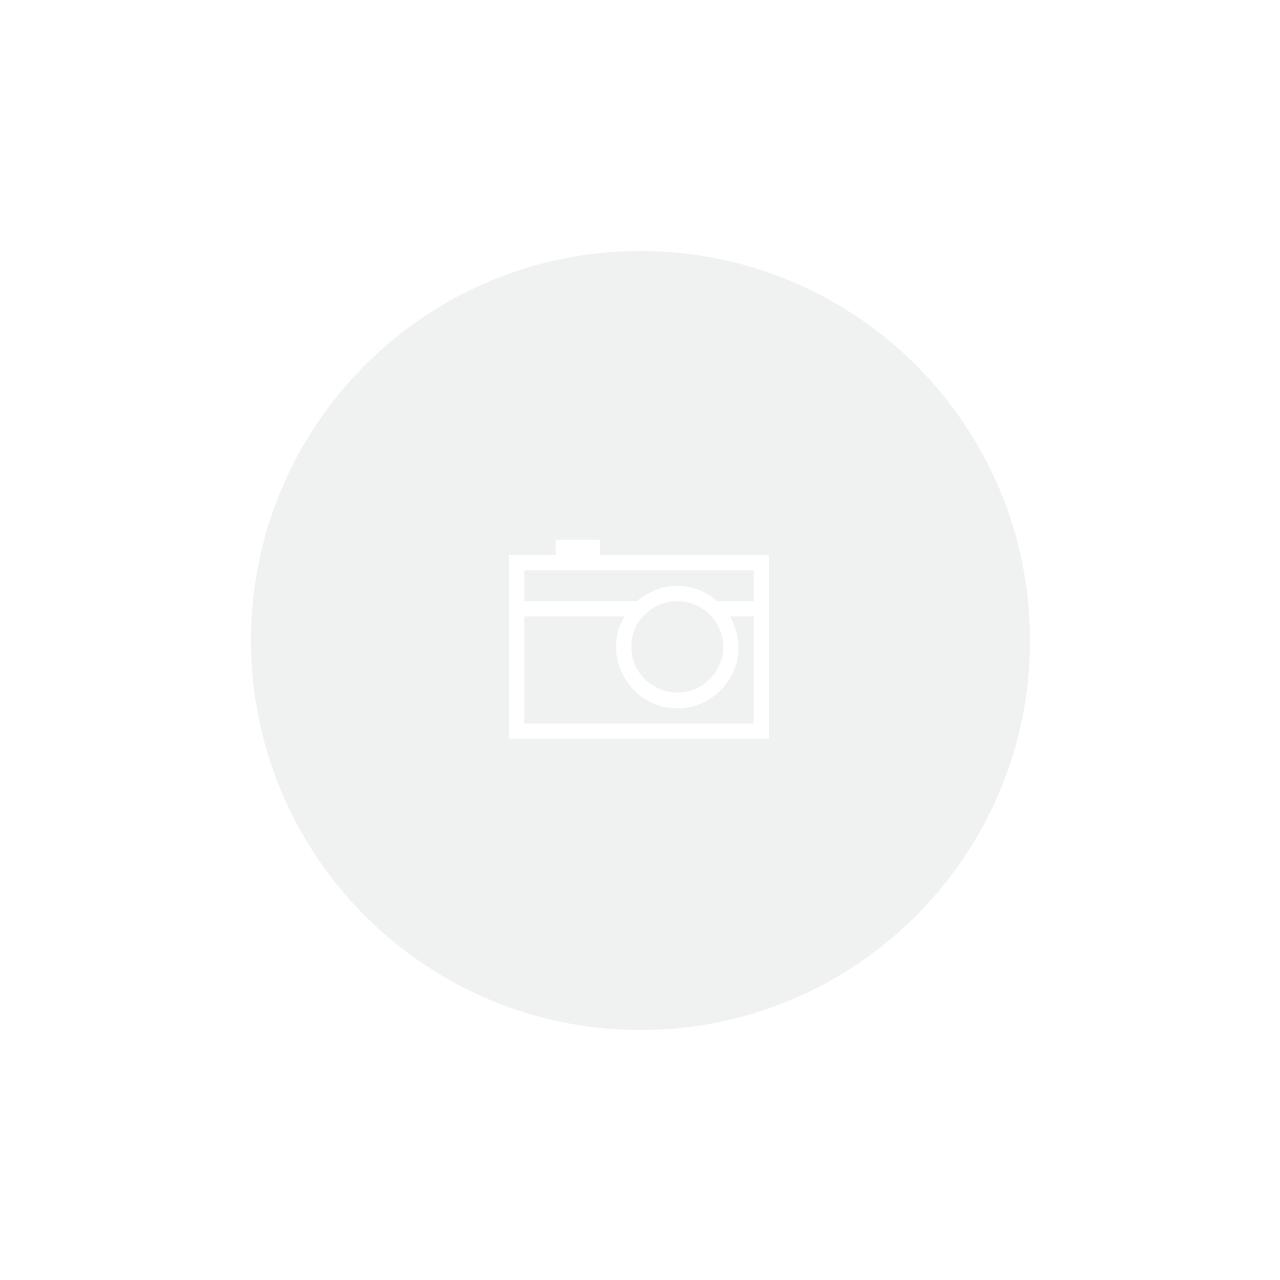 Placa de Video PowerColor AMD Radeon RX5700 8GB D6 1A1-G00319000G